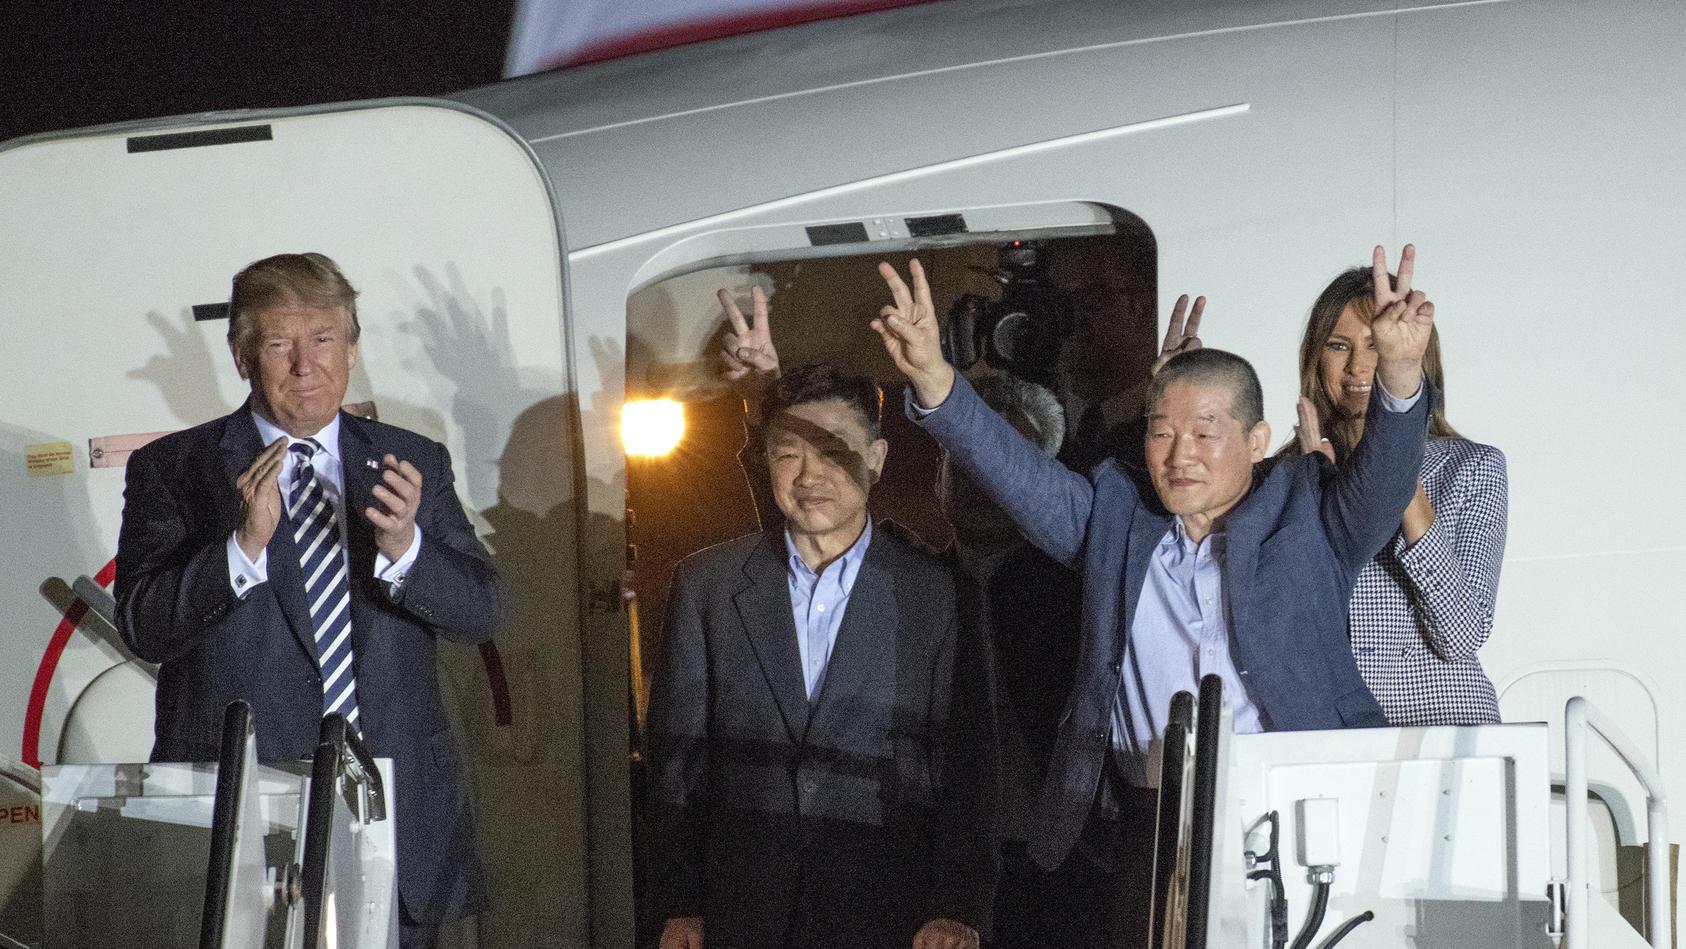 Endlich in Freiheit: Drei aus nordkoreanischer Gefangenschaft freigelassene Amerikaner sind in den USA eingetroffen